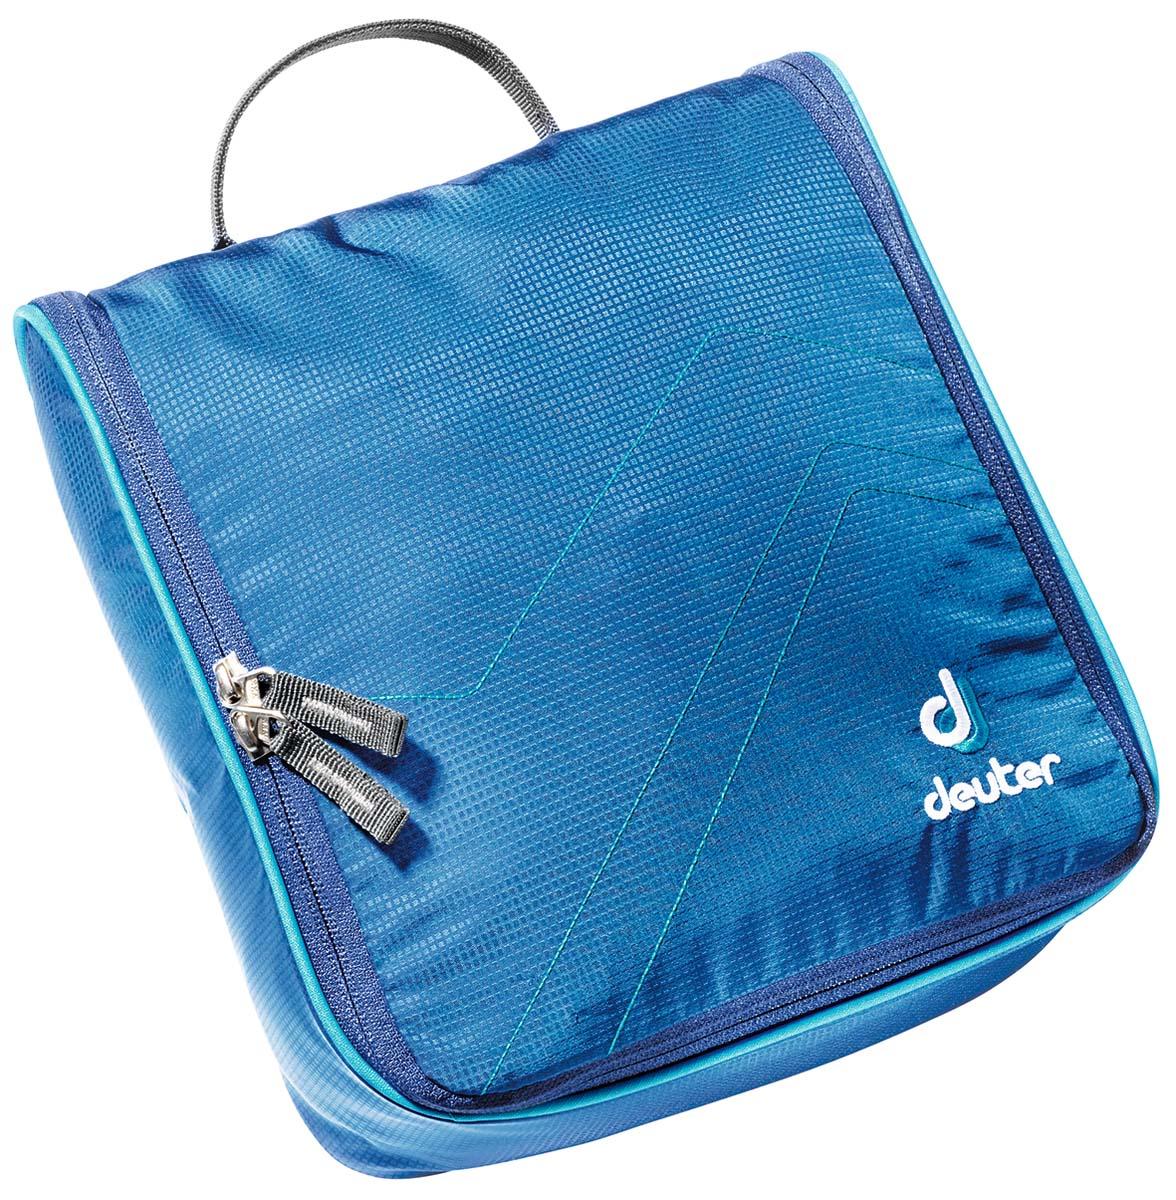 Косметичка Deuter  Accessories Wash Center II , цвет: светло-голубой, бирюзовый, 25 см х 24 см х 9 см - Несессеры и кошельки